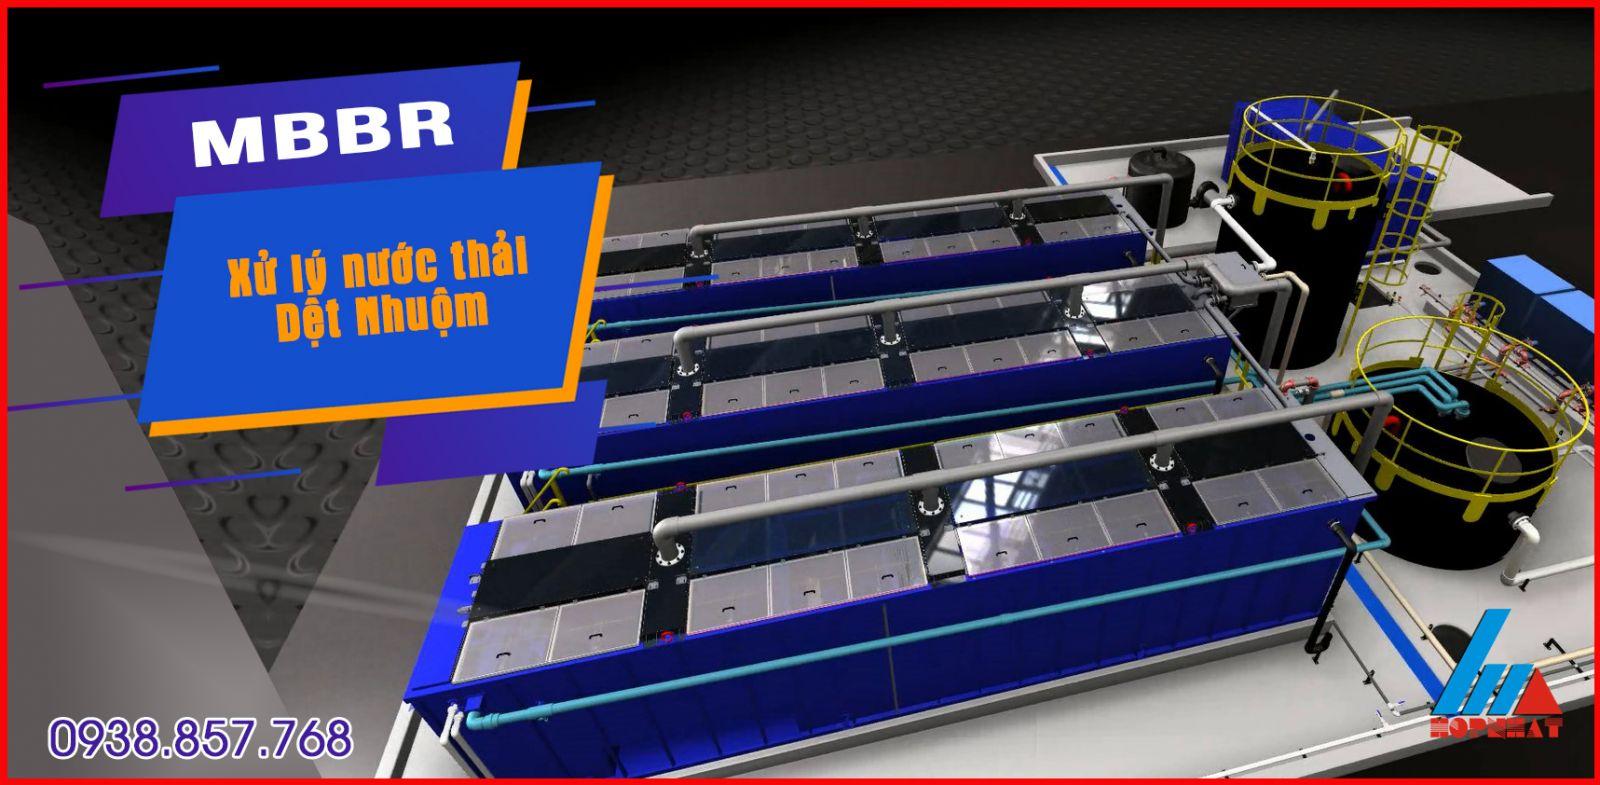 MBBR xử lý nước thải dệt nhuộm